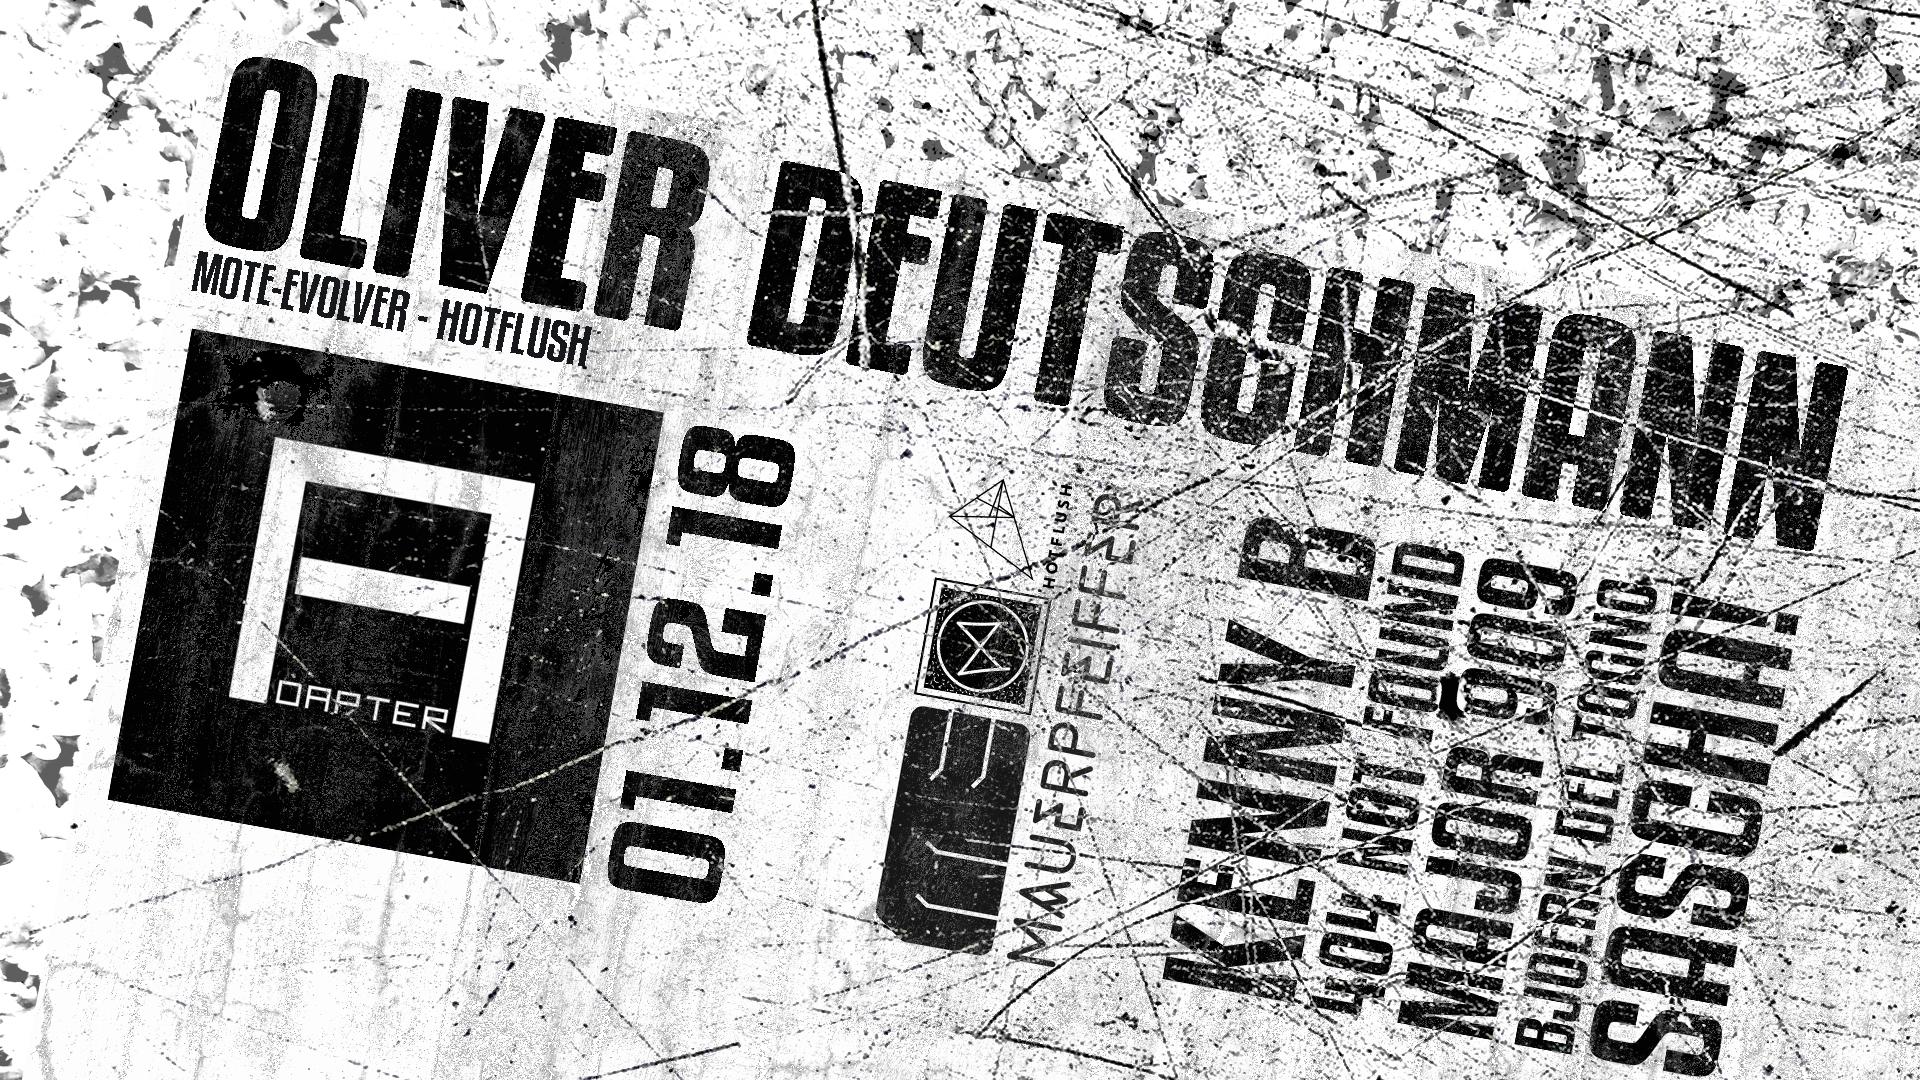 Adapter w/ Oliver Deutschmann